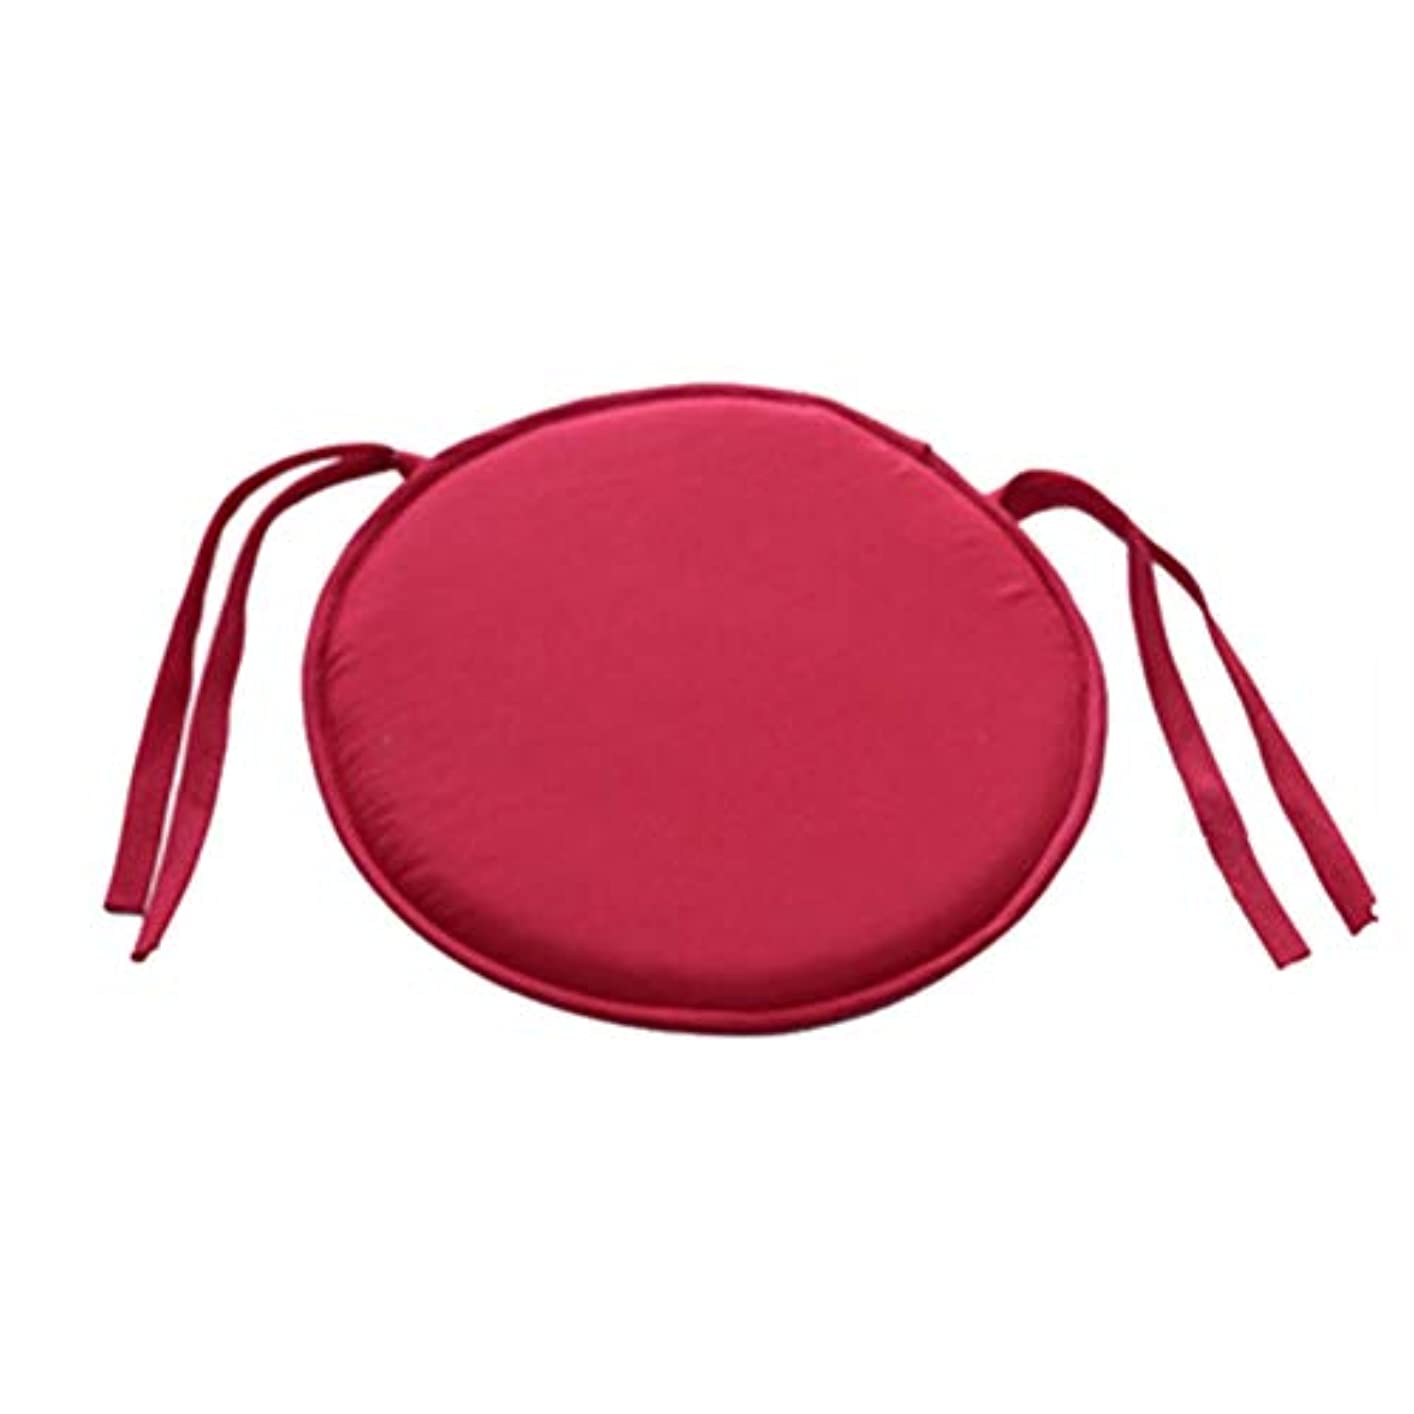 セグメント緊張ブッシュSMART ホット販売ラウンドチェアクッション屋内ポップパティオオフィスチェアシートパッドネクタイスクエアガーデンキッチンダイニングクッション クッション 椅子